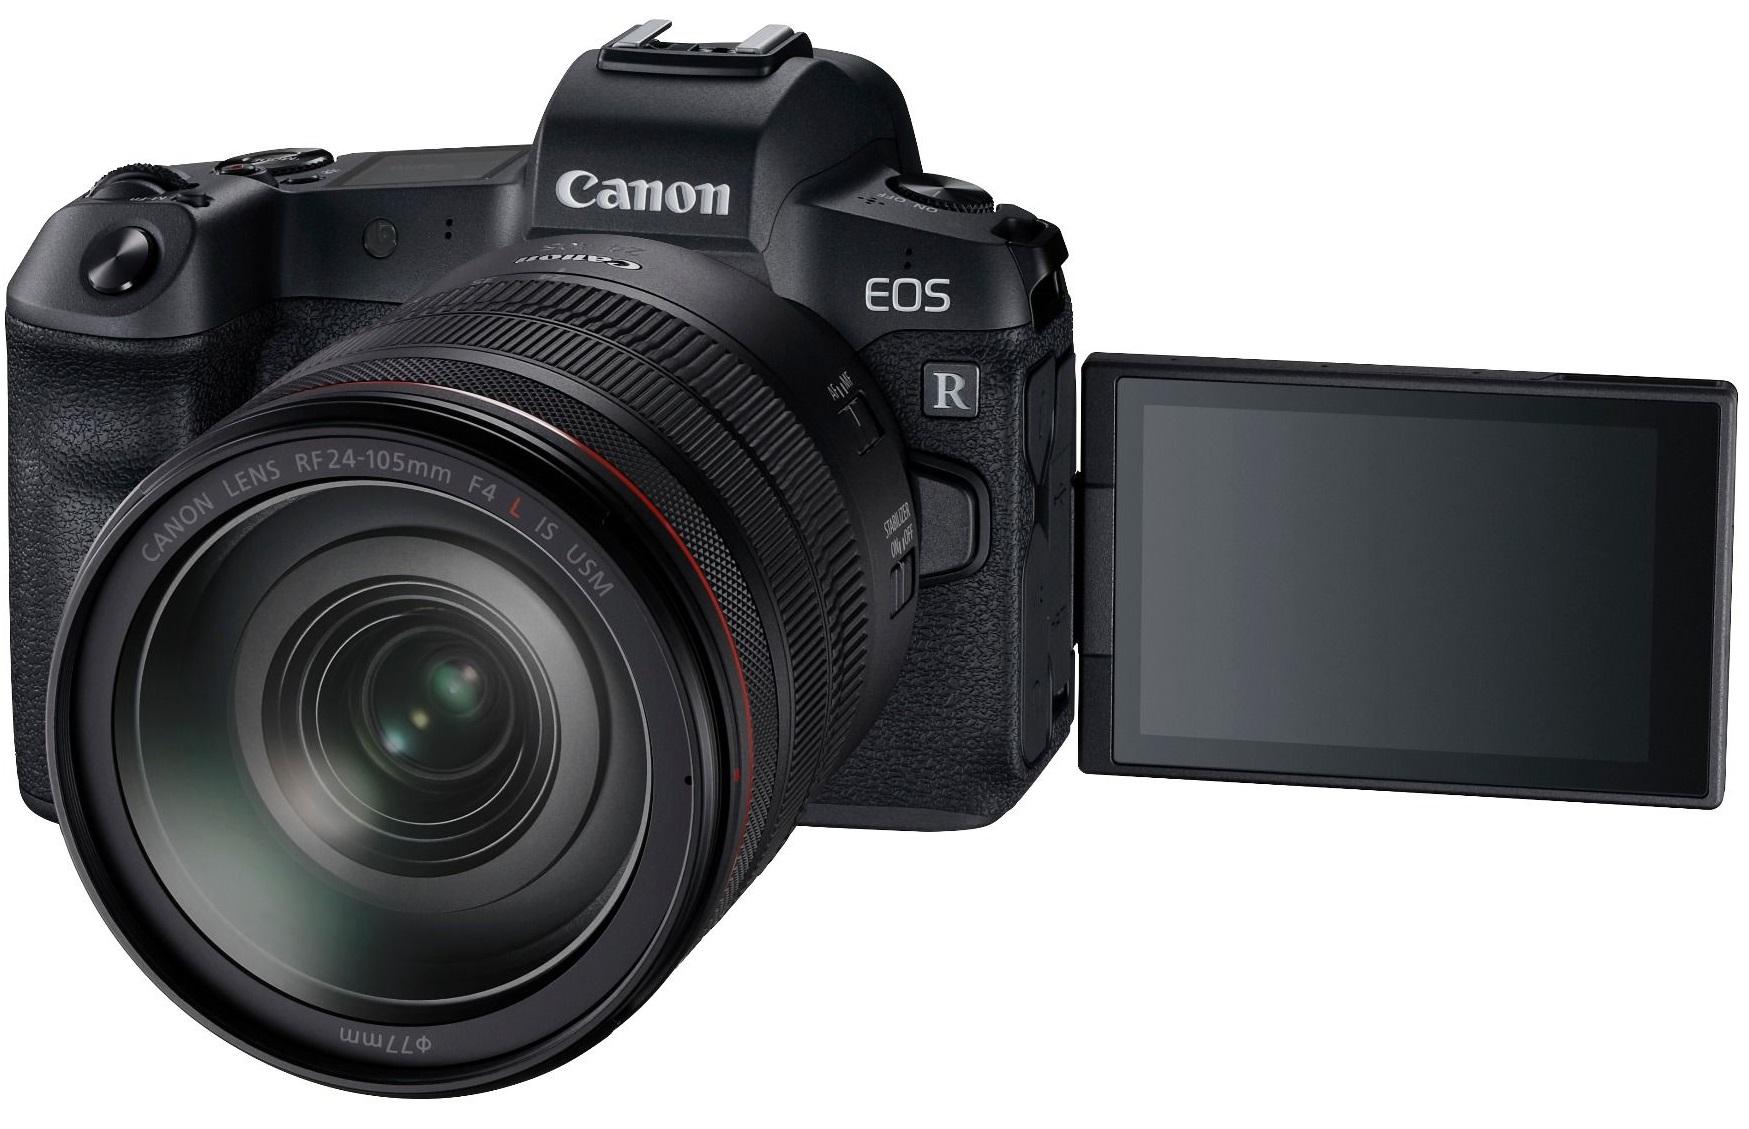 фотоаппарат среднего класса какой лучше видите, программа предлагает